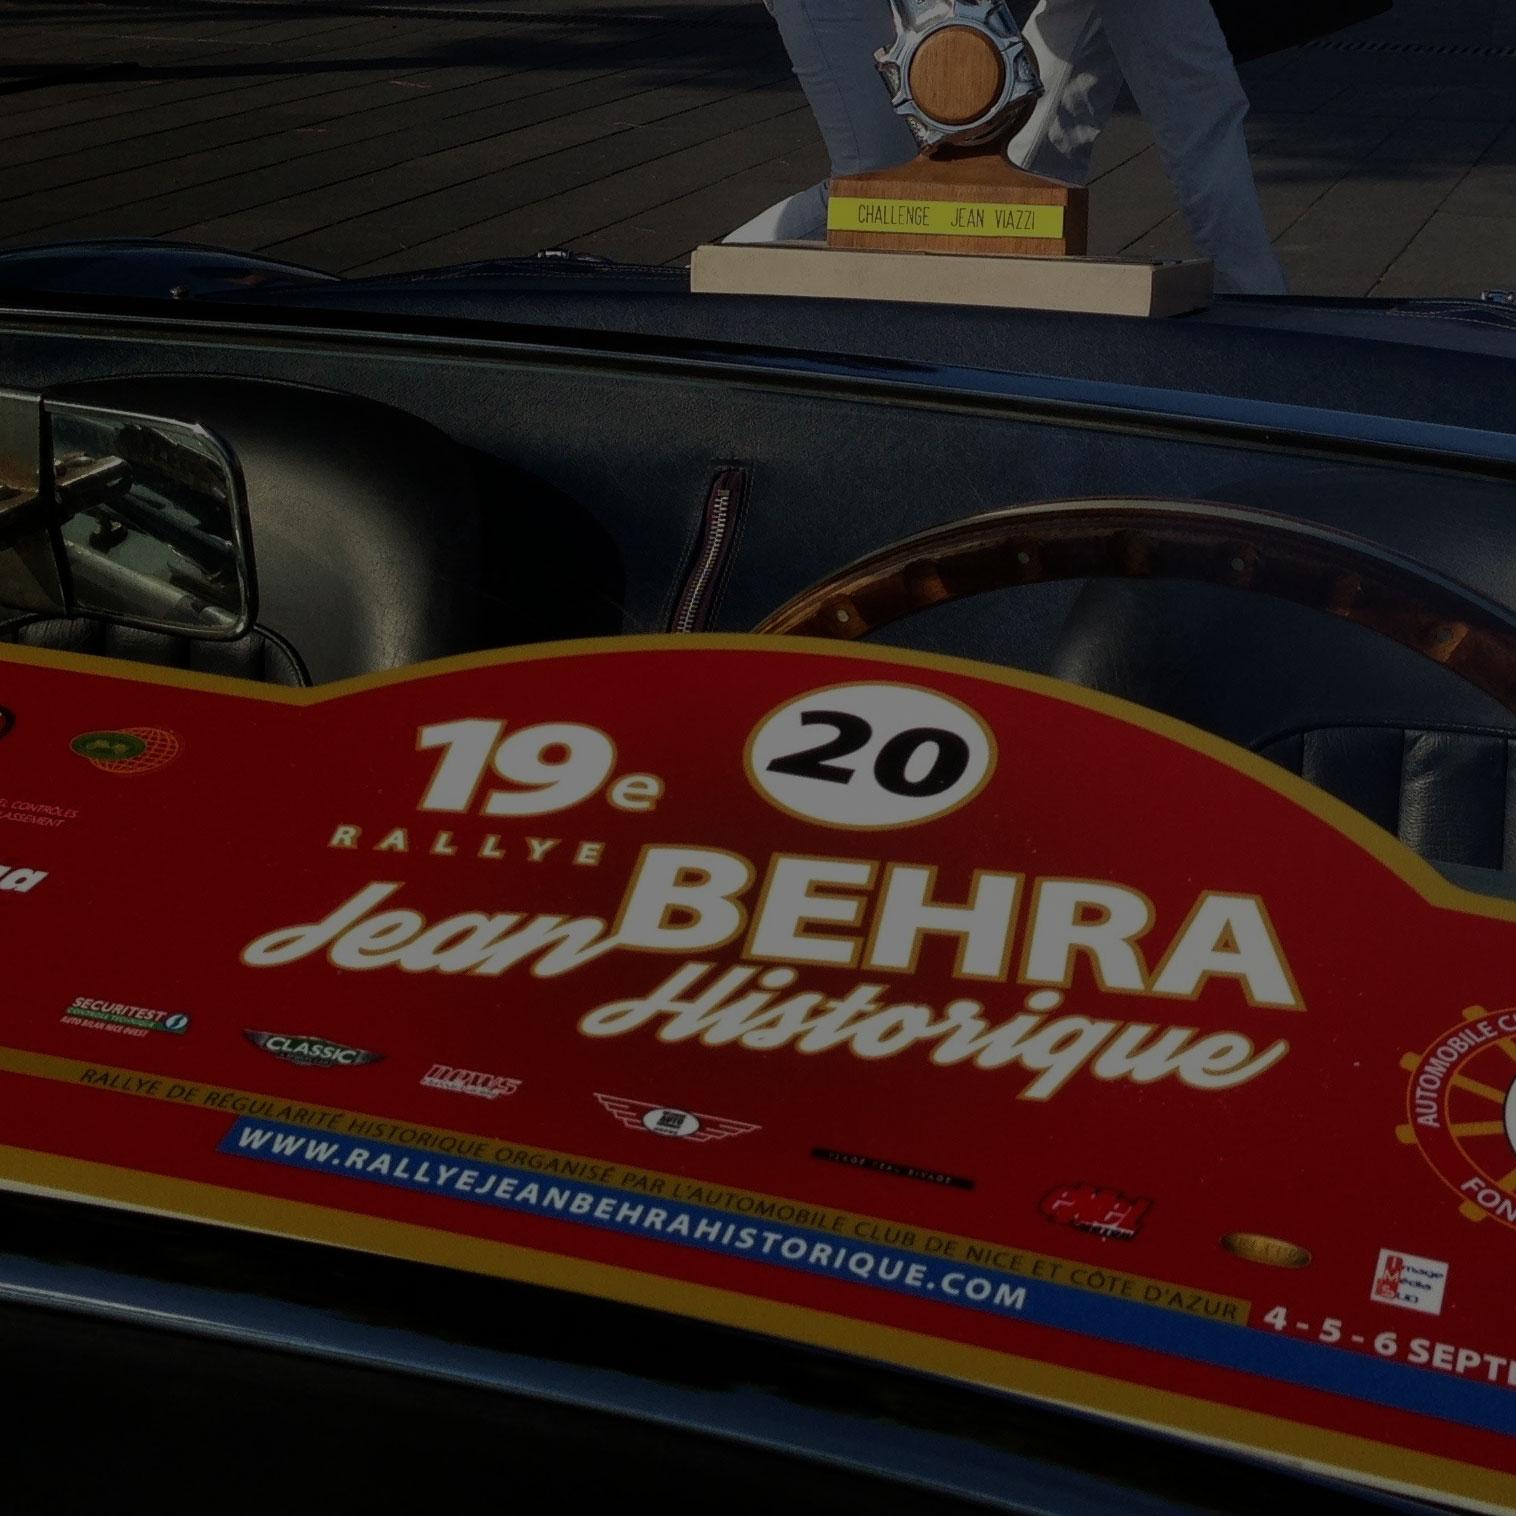 19e Rallye Jean Behra Prom du coeur Nice